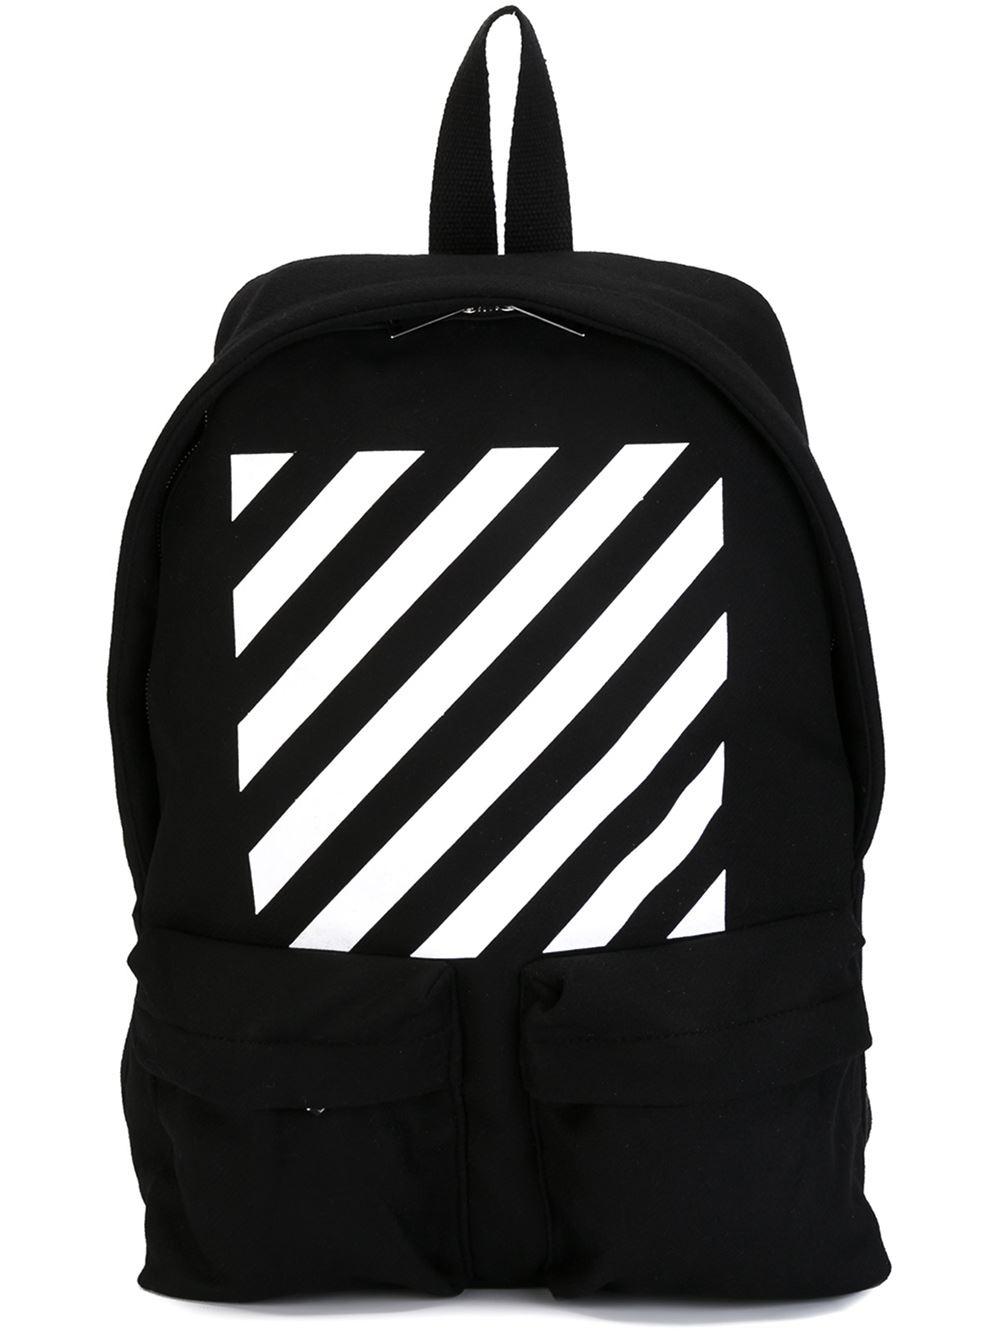 off white c o virgil abloh striped backpack in black lyst. Black Bedroom Furniture Sets. Home Design Ideas